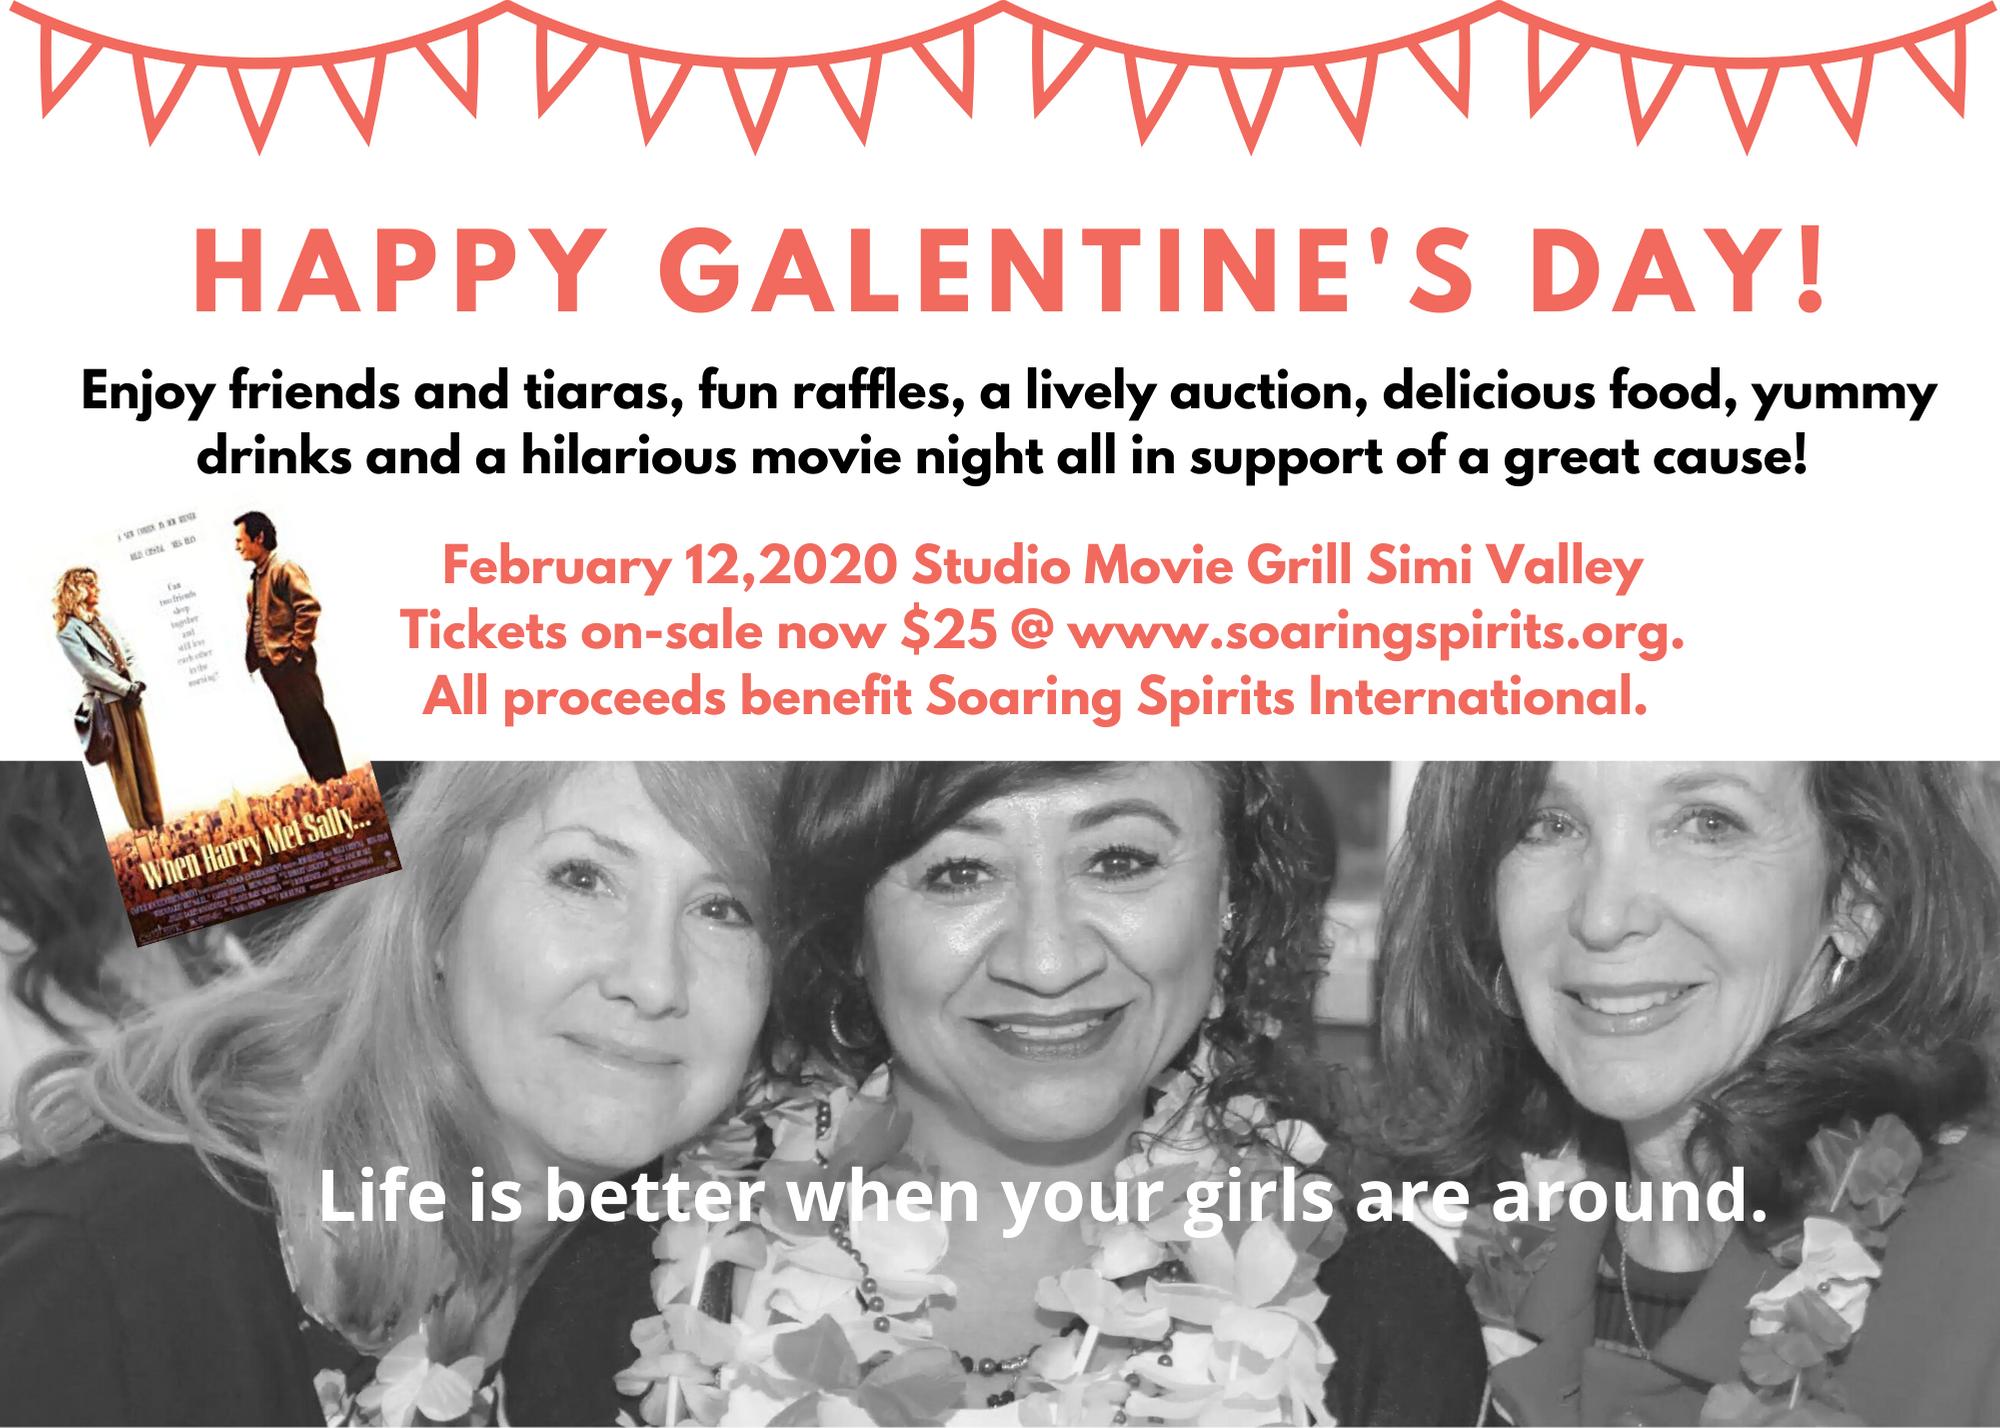 Galentine's Day 2020